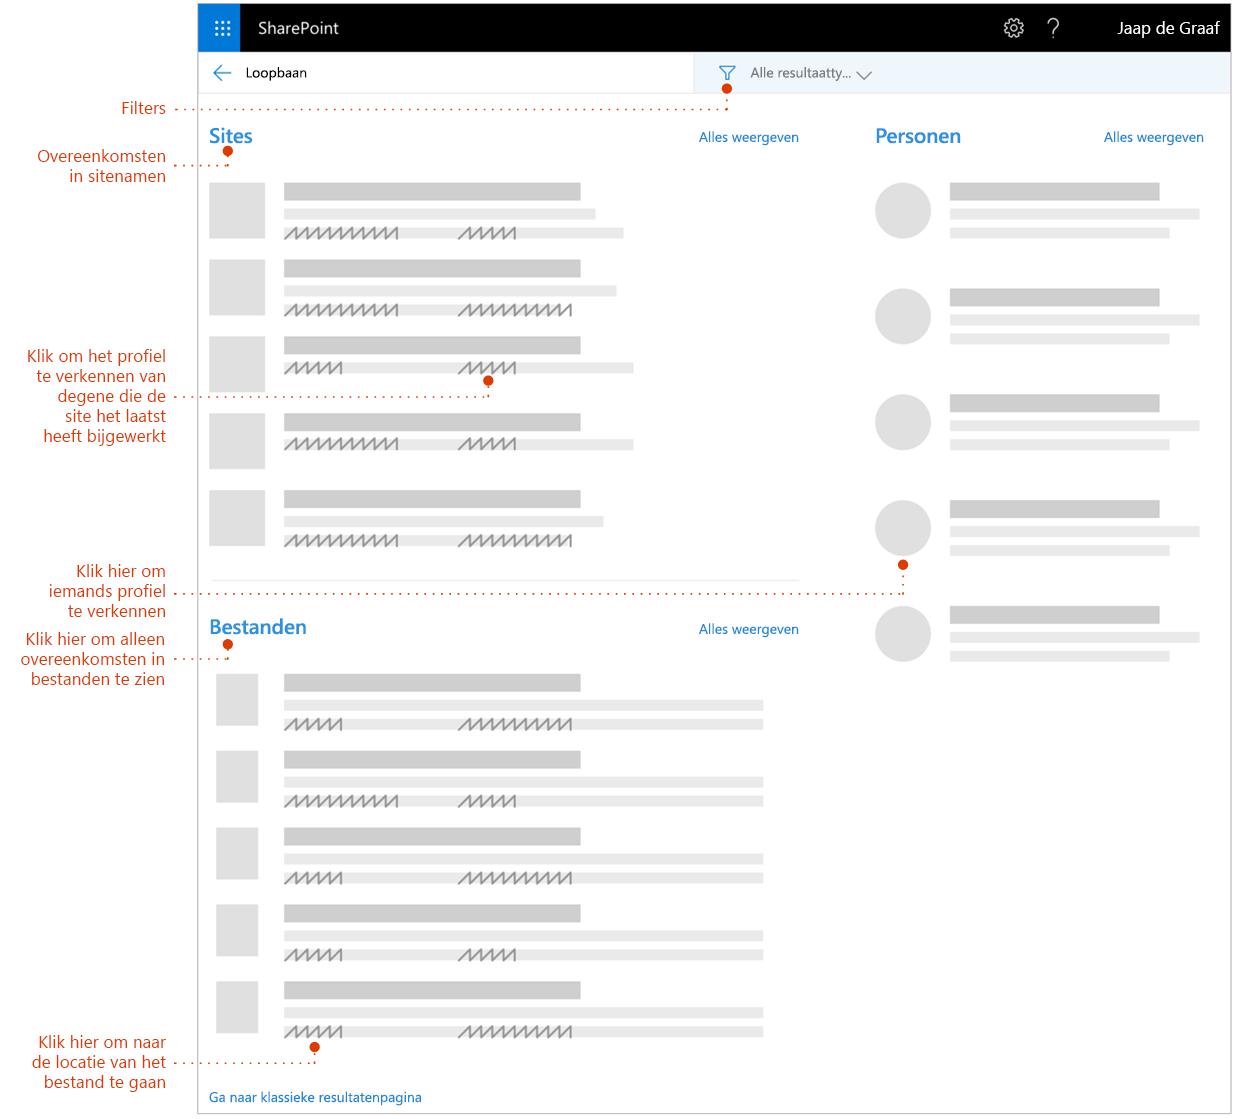 Schermafbeelding van zoekresultaten pagina met verwijzingen naar elementen om te verkennen.